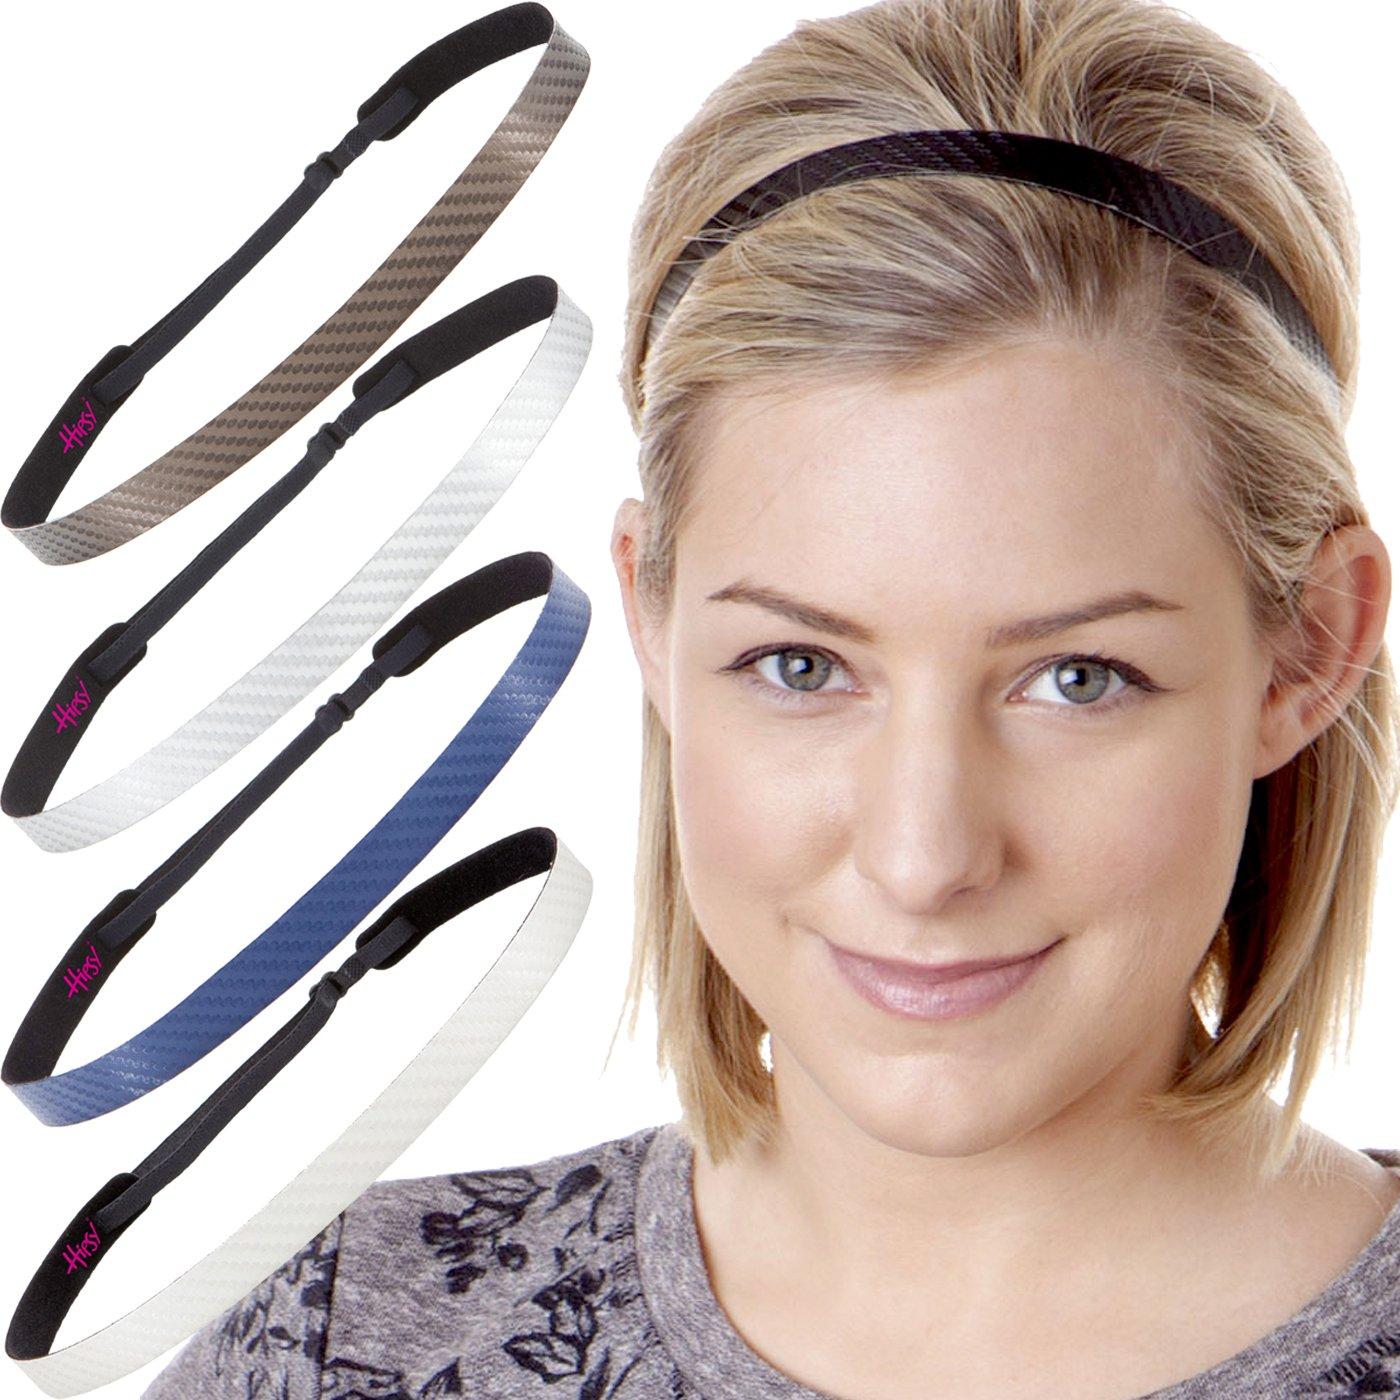 Hipsy Womens Adjustable NO Slip Skinny Tech Sport Headband Multi Packs